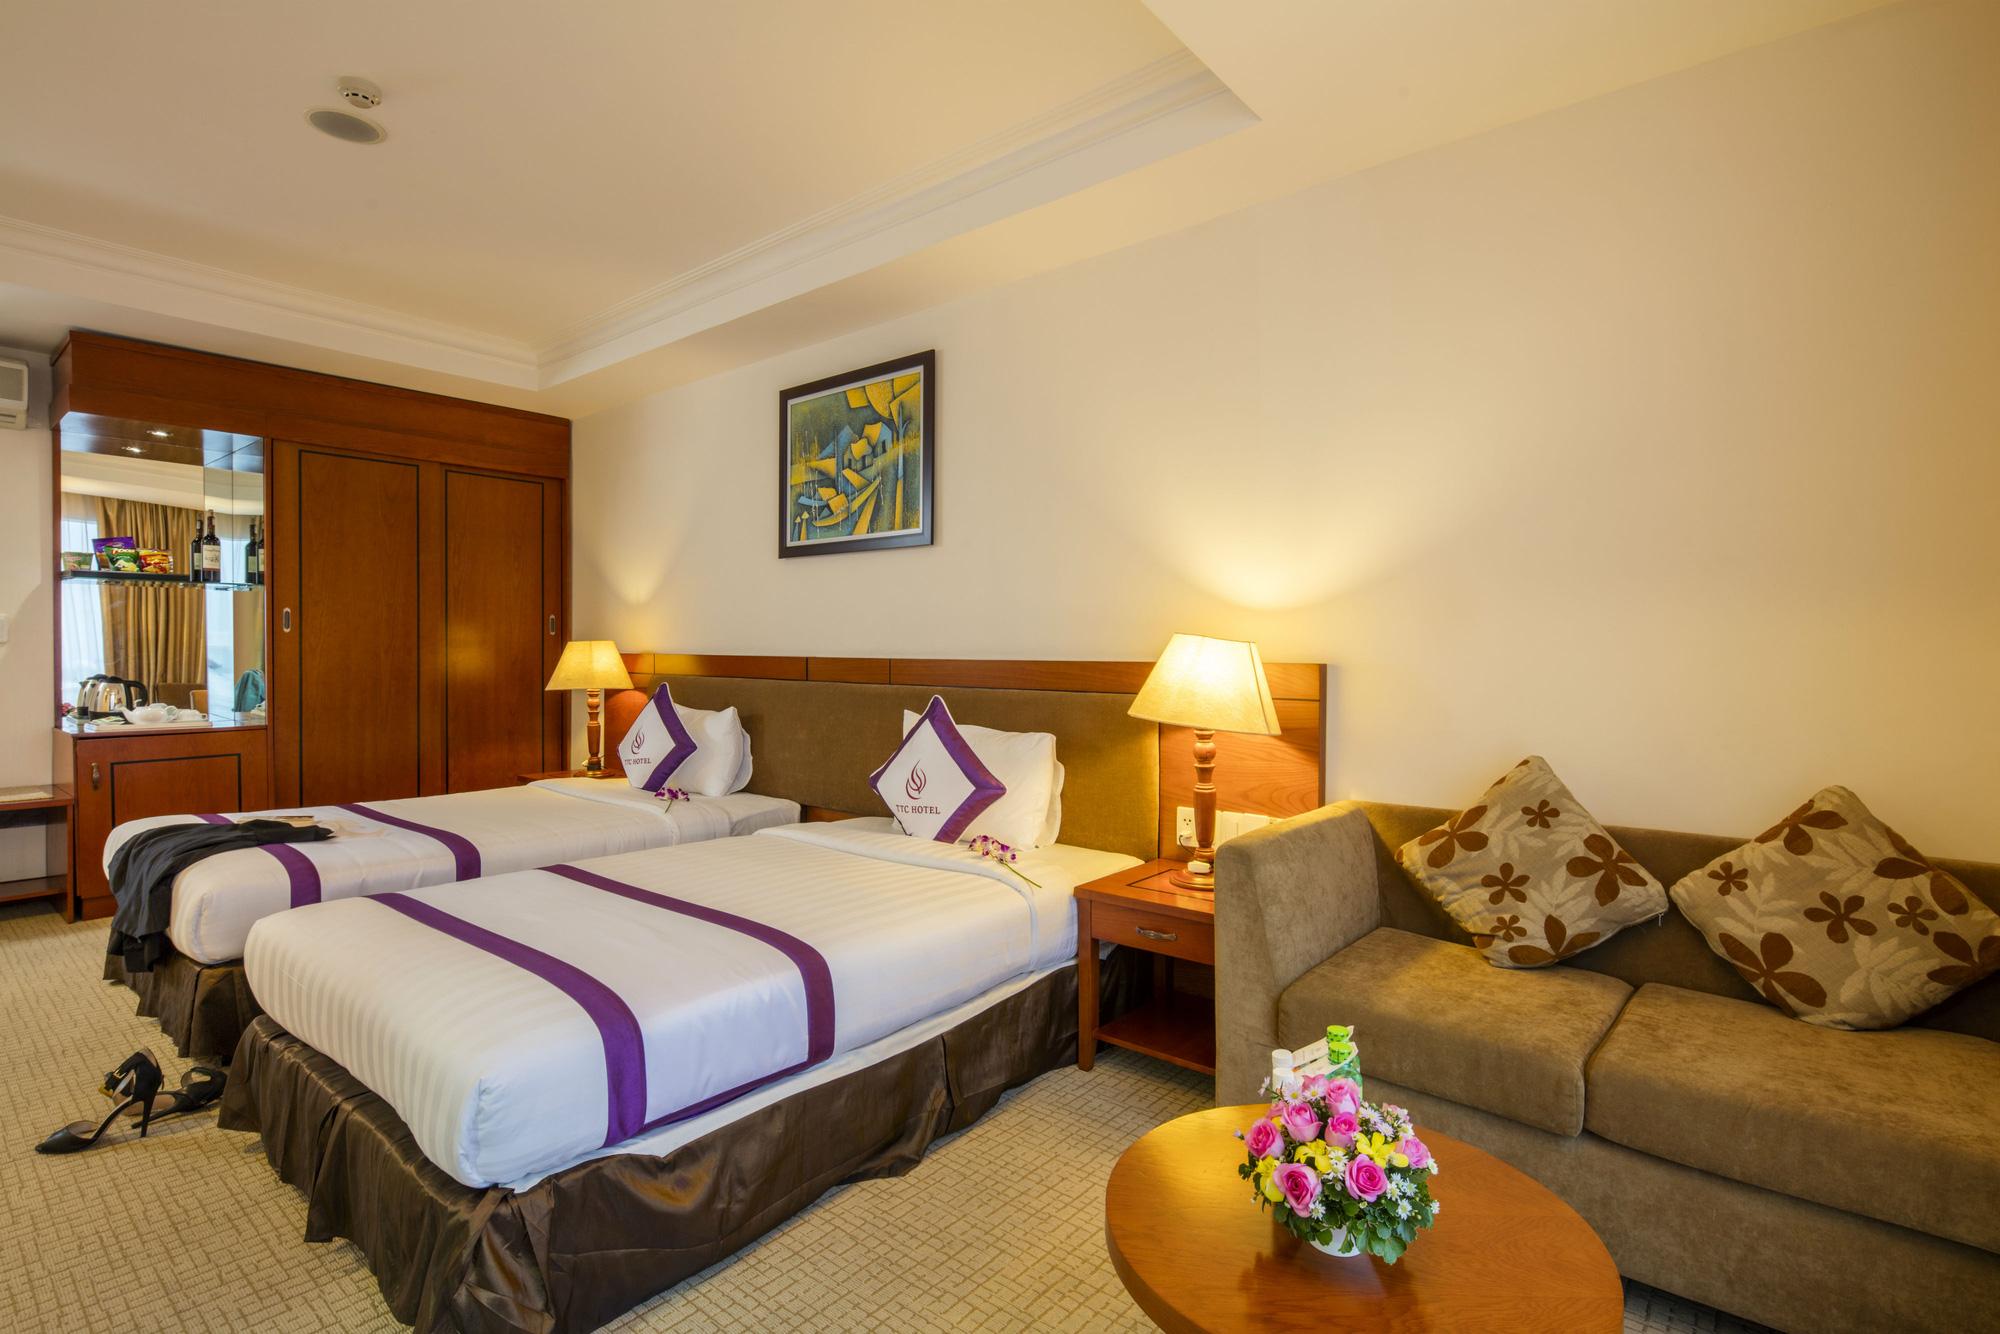 Dùng khách sạn thành nơi cách li cho cán y tế làm nhiệm vụ phòng chống dịch Covid-19 - Ảnh 1.